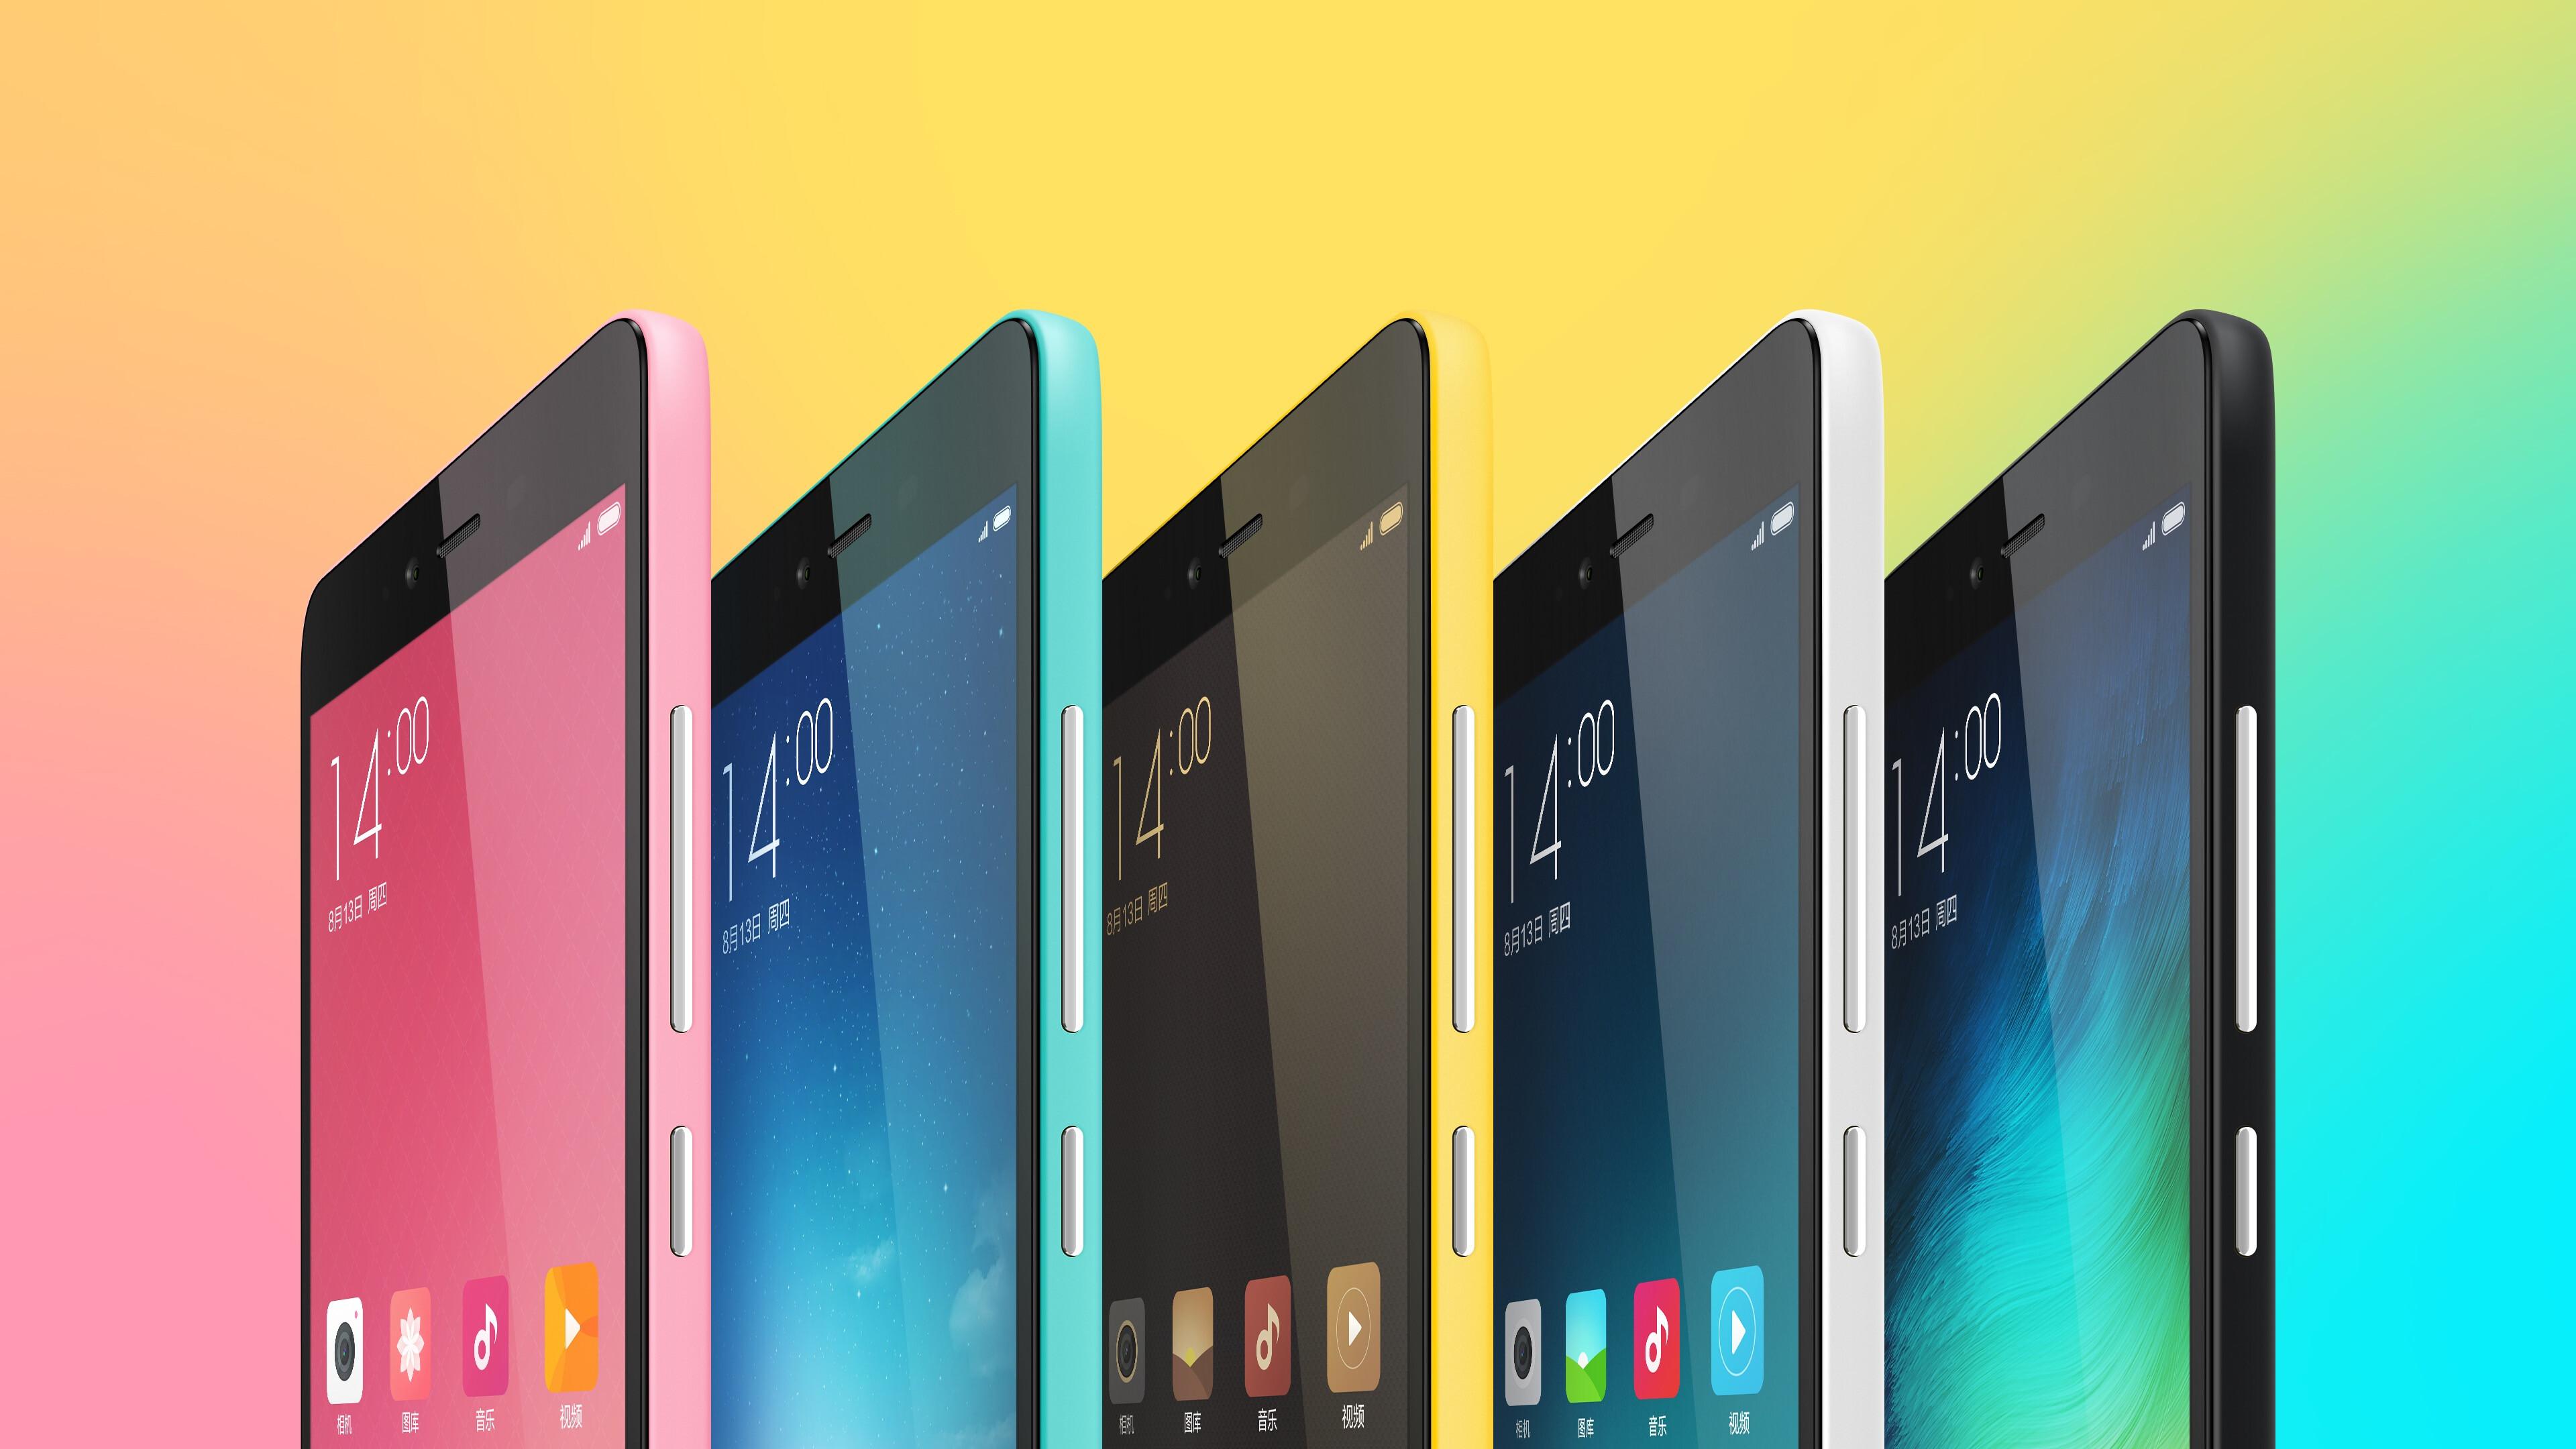 Harga Hp Iphone 5 Kc